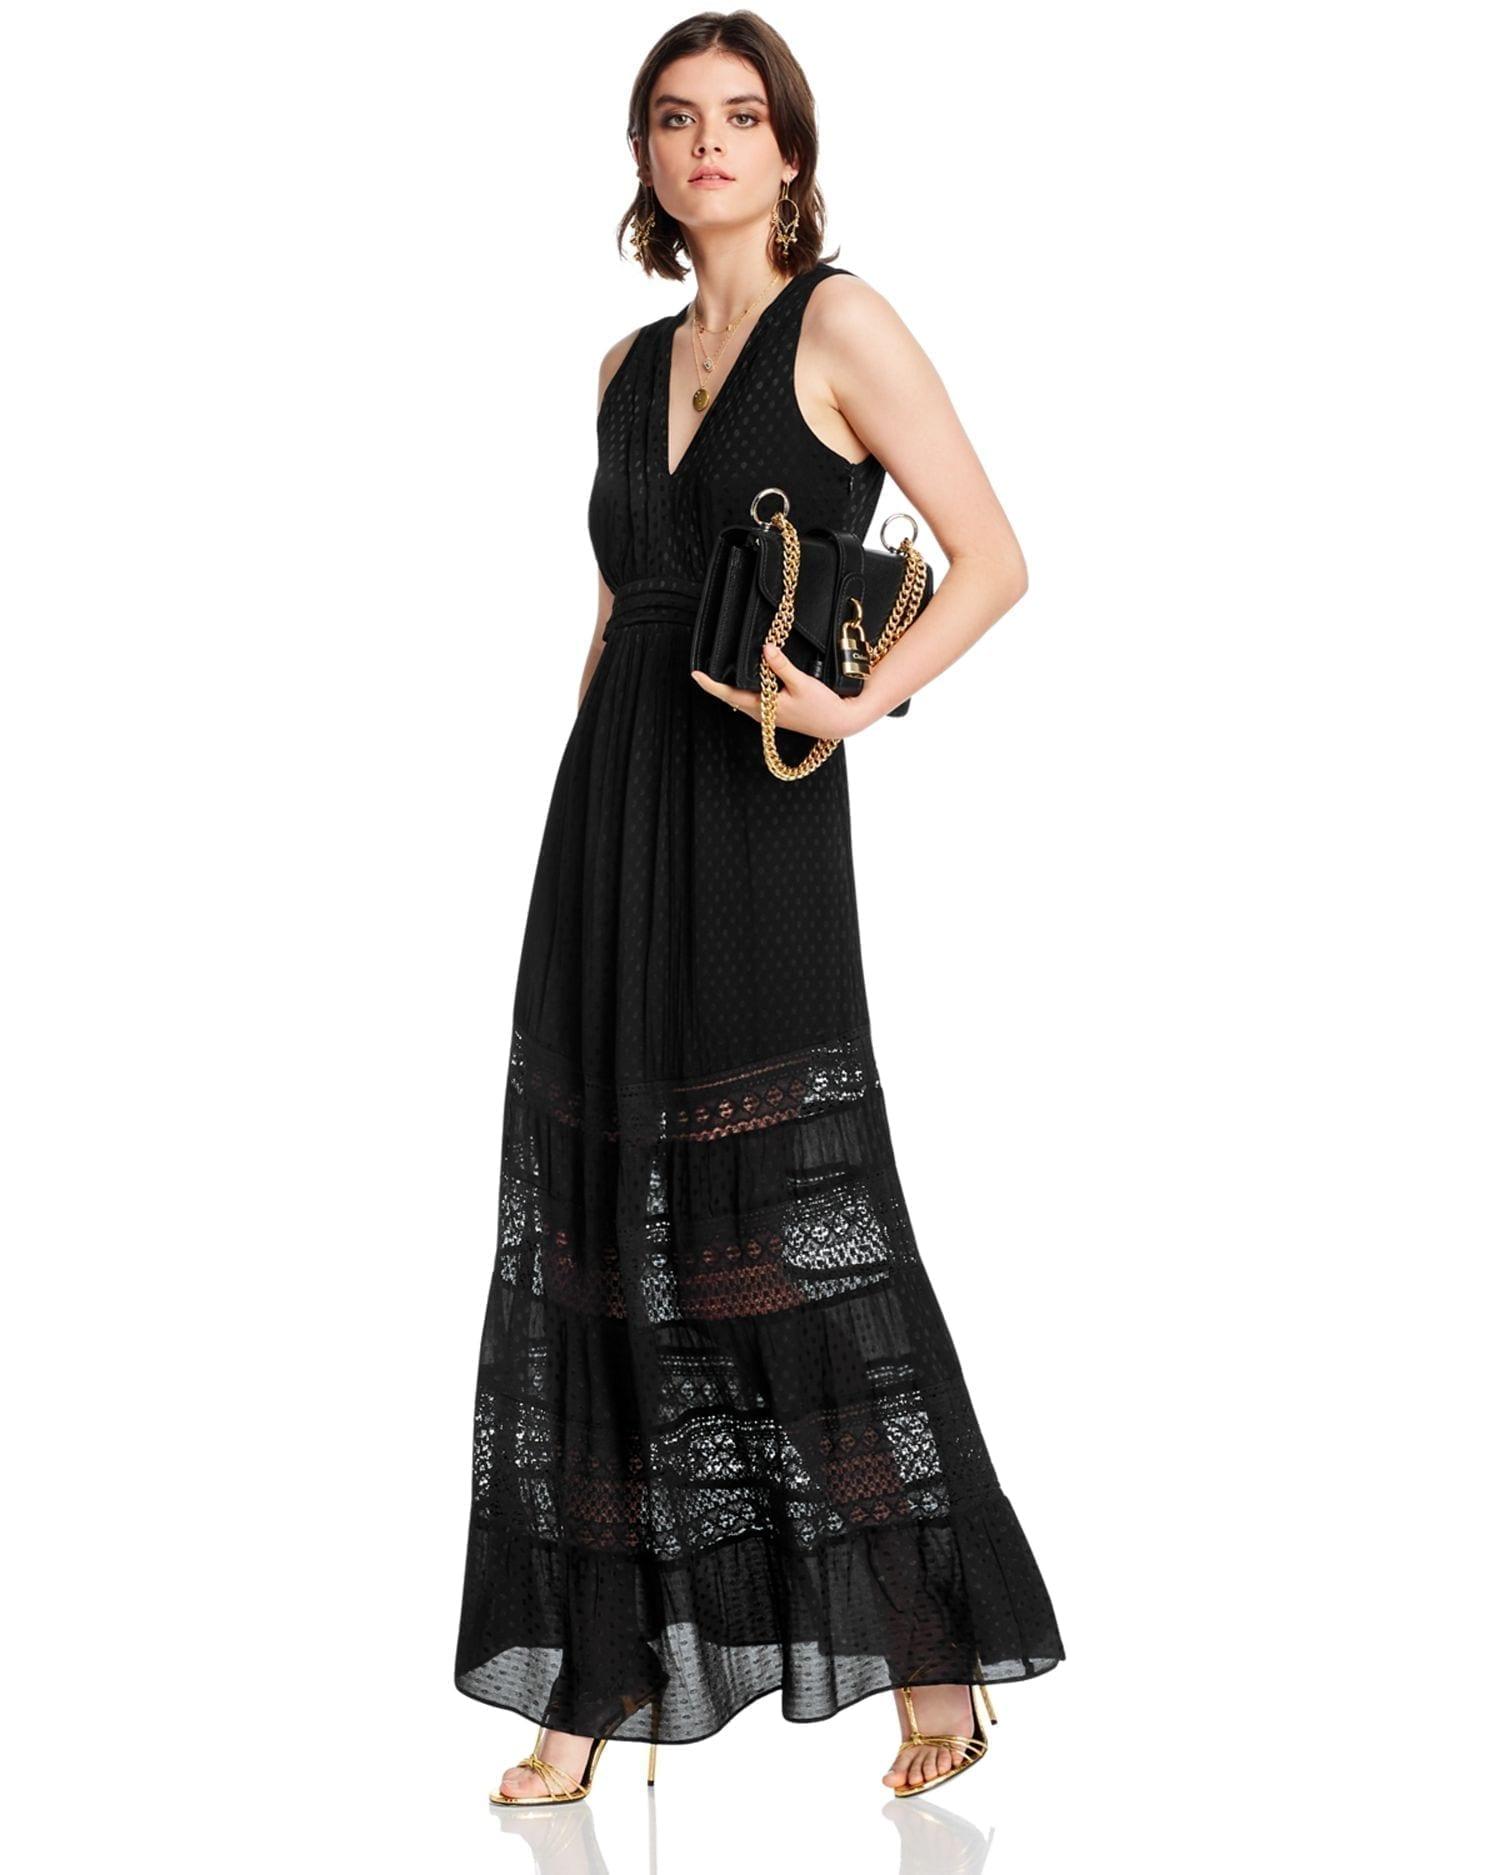 LINI Gabriella Tiered Empire-Waist Dress